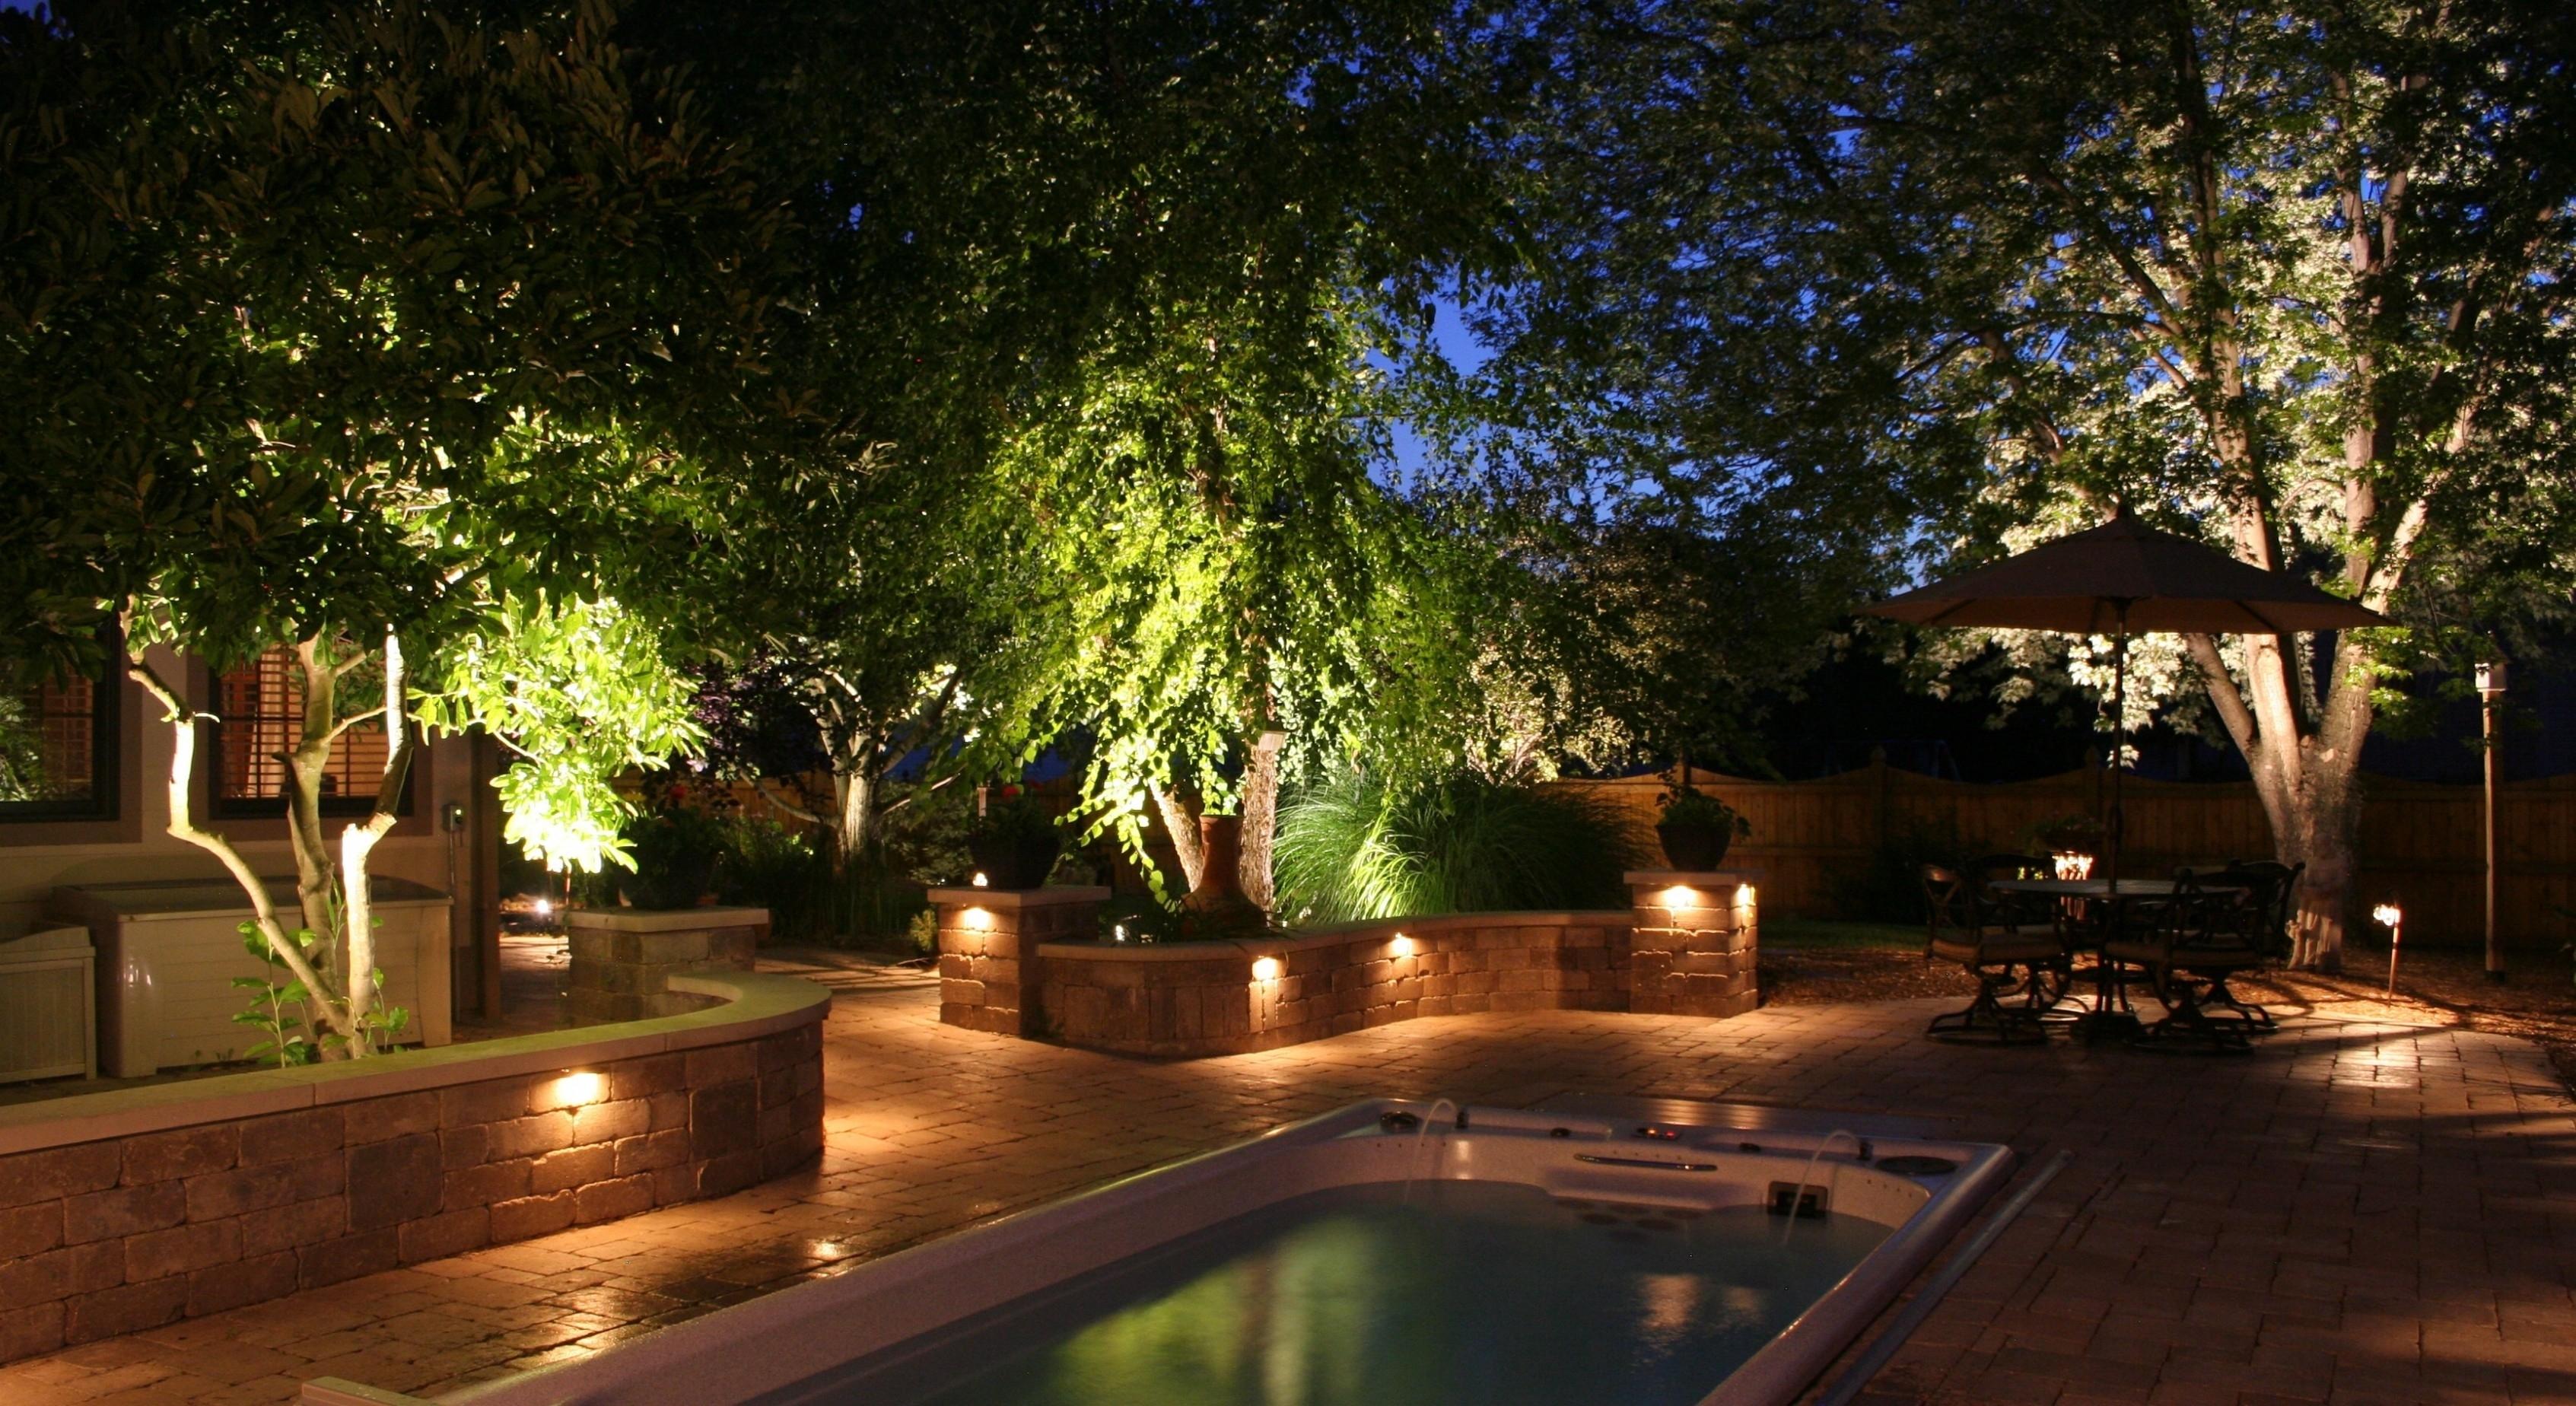 Kichler Outdoor Lighting — Foothillfolk Designs Inside Kichler Outdoor Lanterns (View 5 of 20)